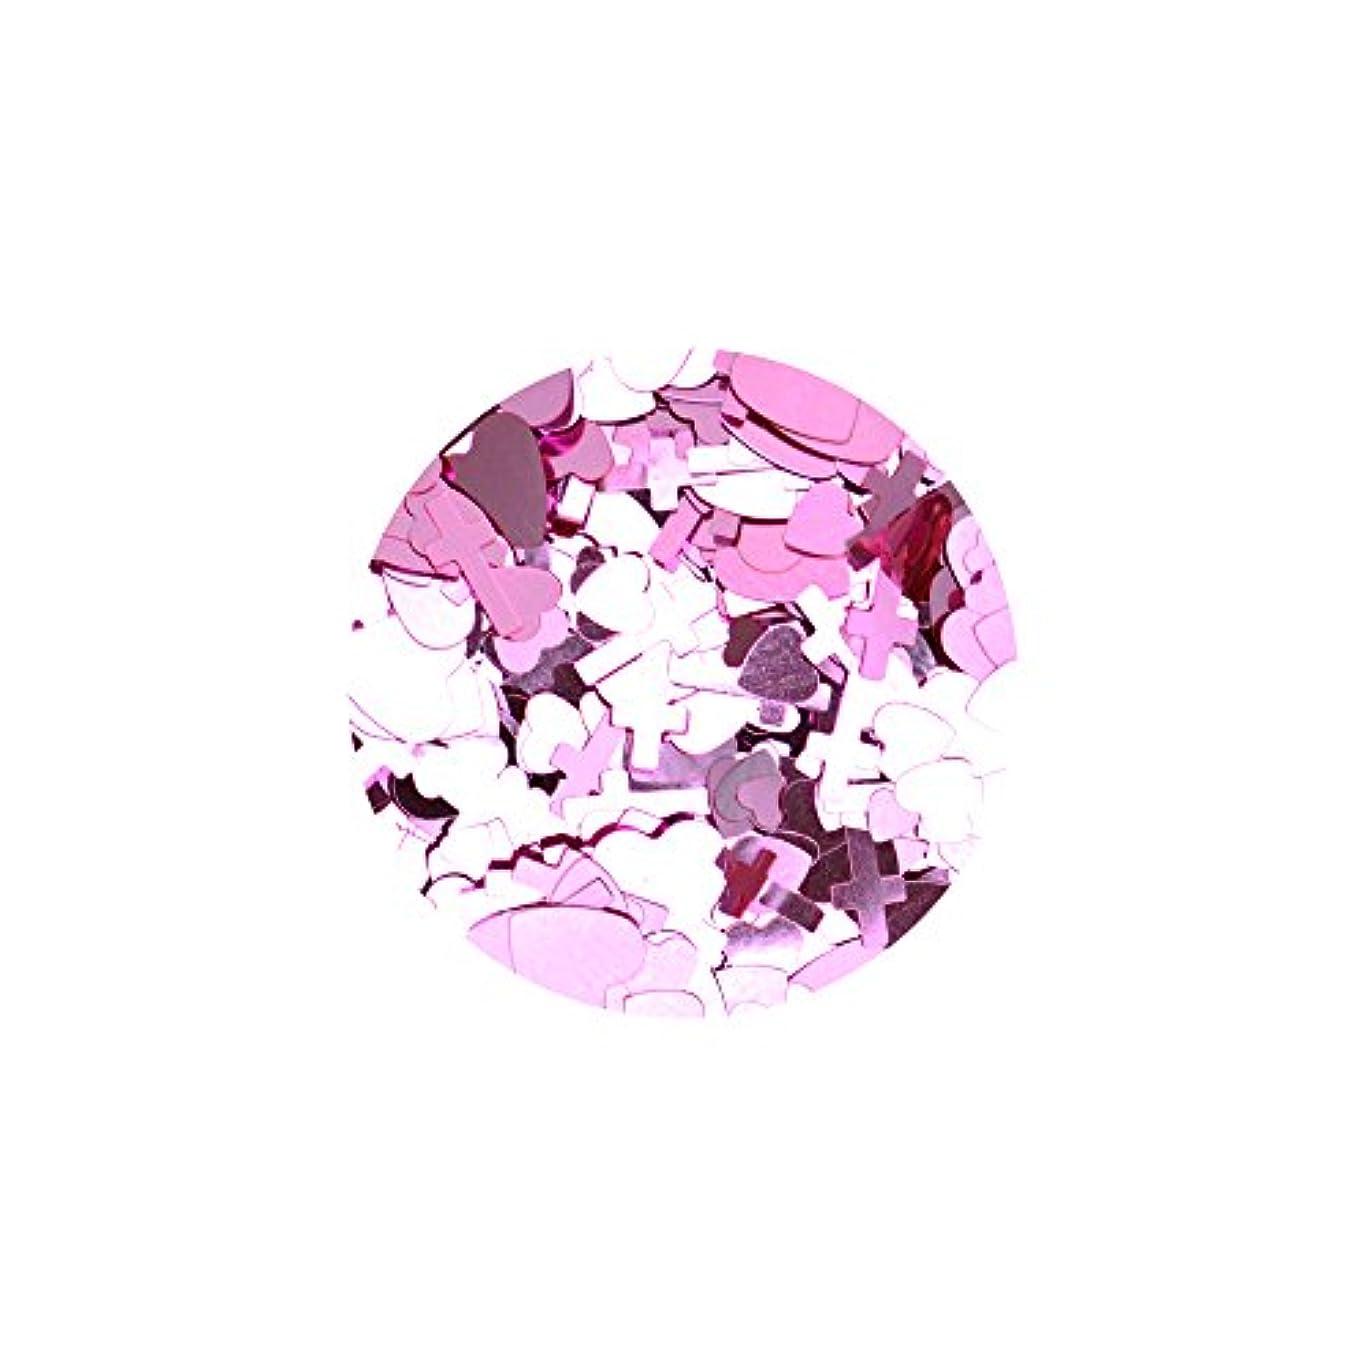 周波数金属遡るハートクロスミックスホロ【ライトピンク】ホログラム